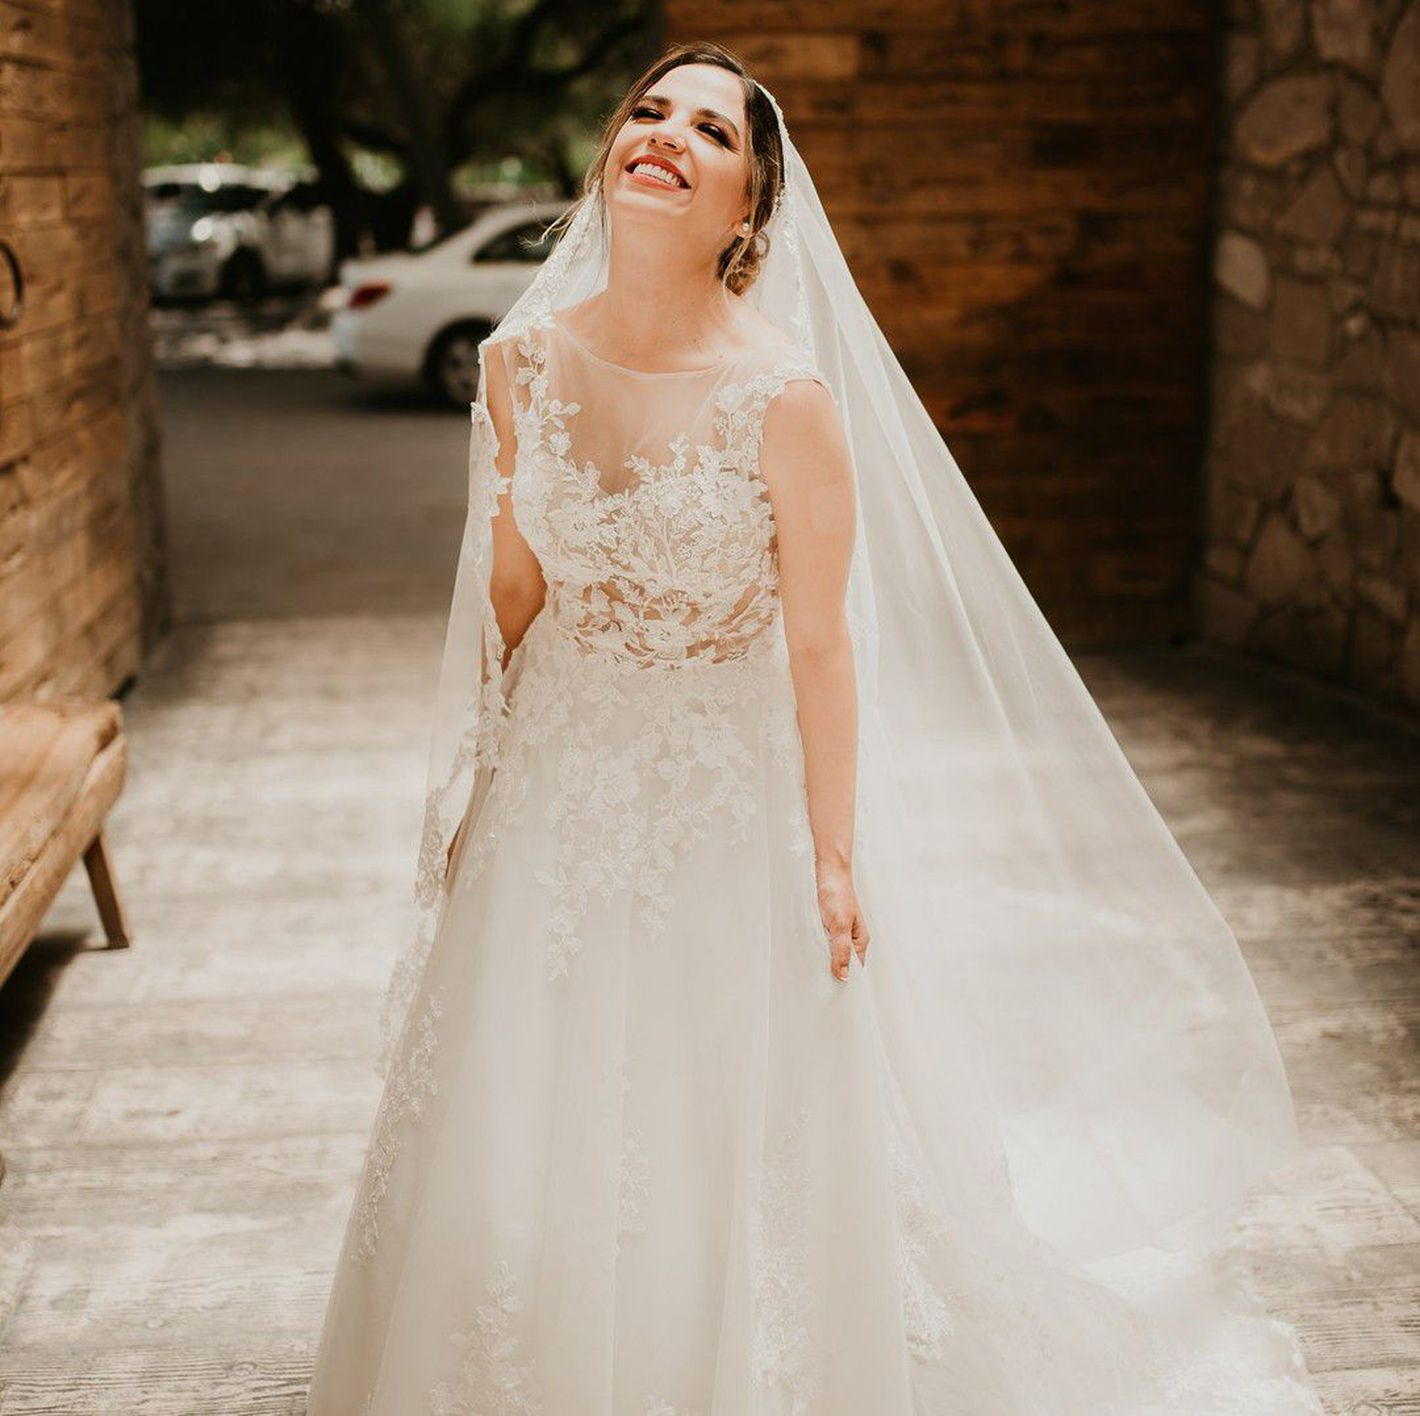 - Stile 66024: Abito da sposa svasato trasparente con applicazioni in pizzo